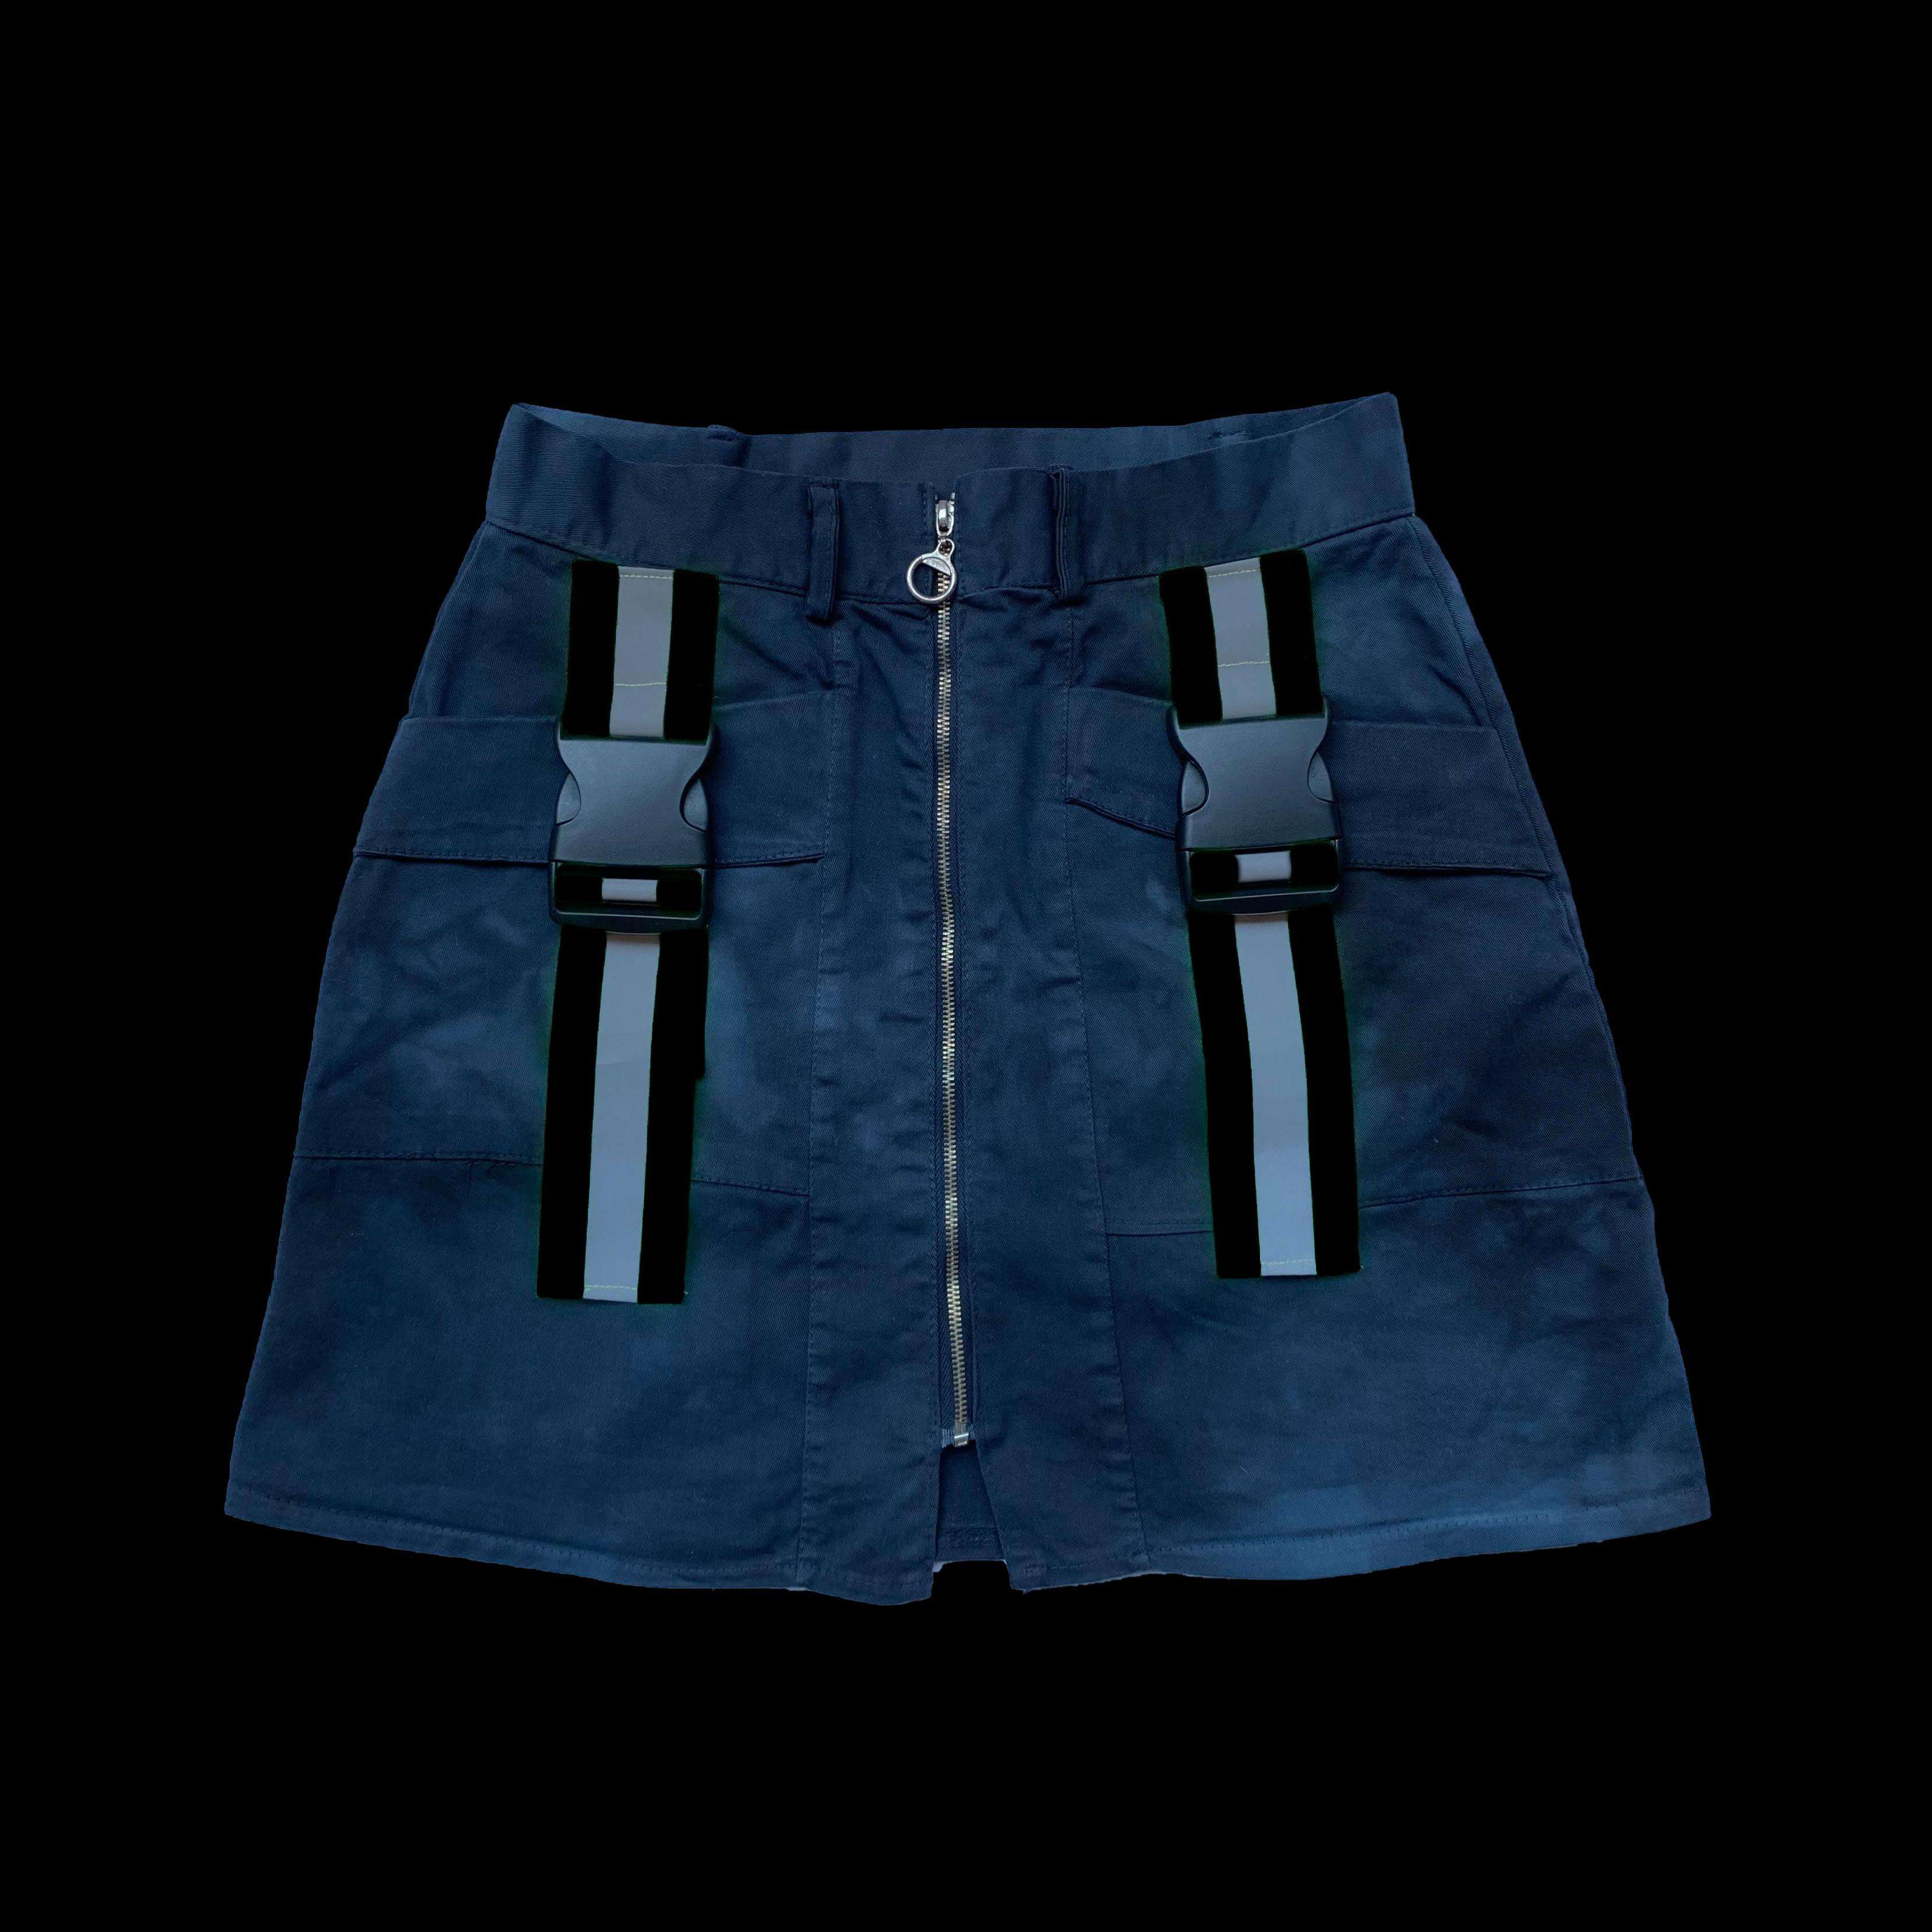 REFLEX SKIRT - BLACK BANDS